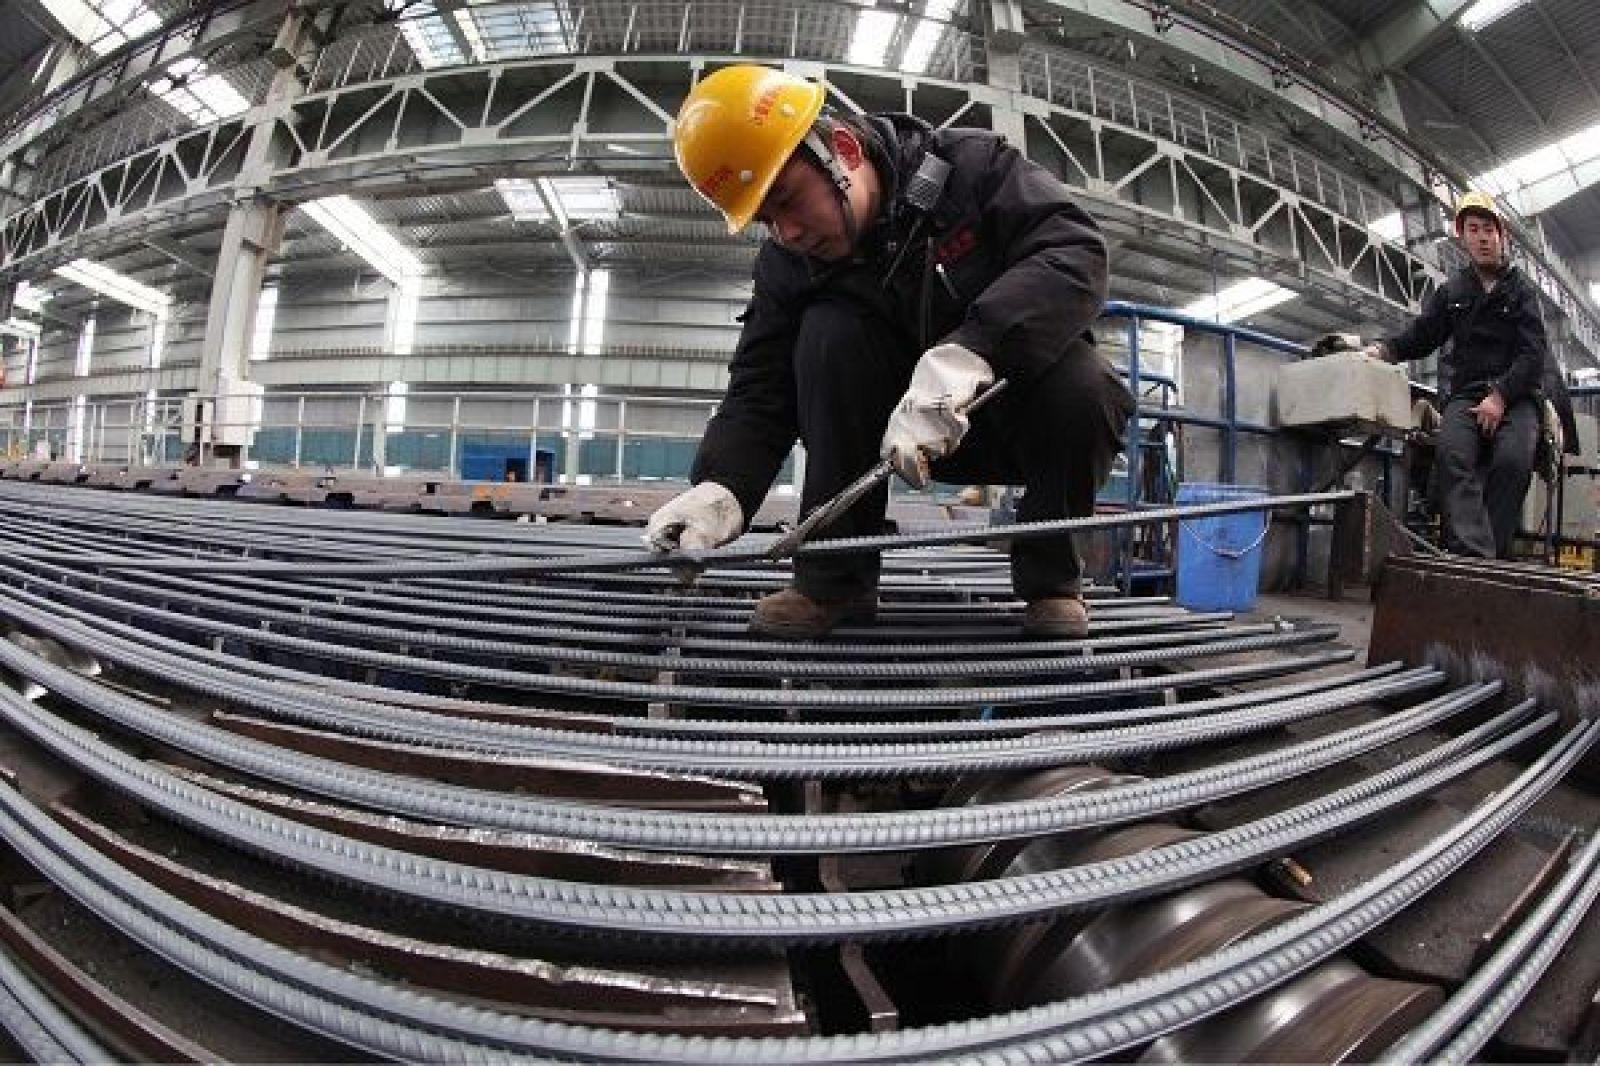 Giá thép thế giới đang rất sôi động, xuất khẩu sắt thép của cả nước hưởng lợi khi tăng rất mạnh.